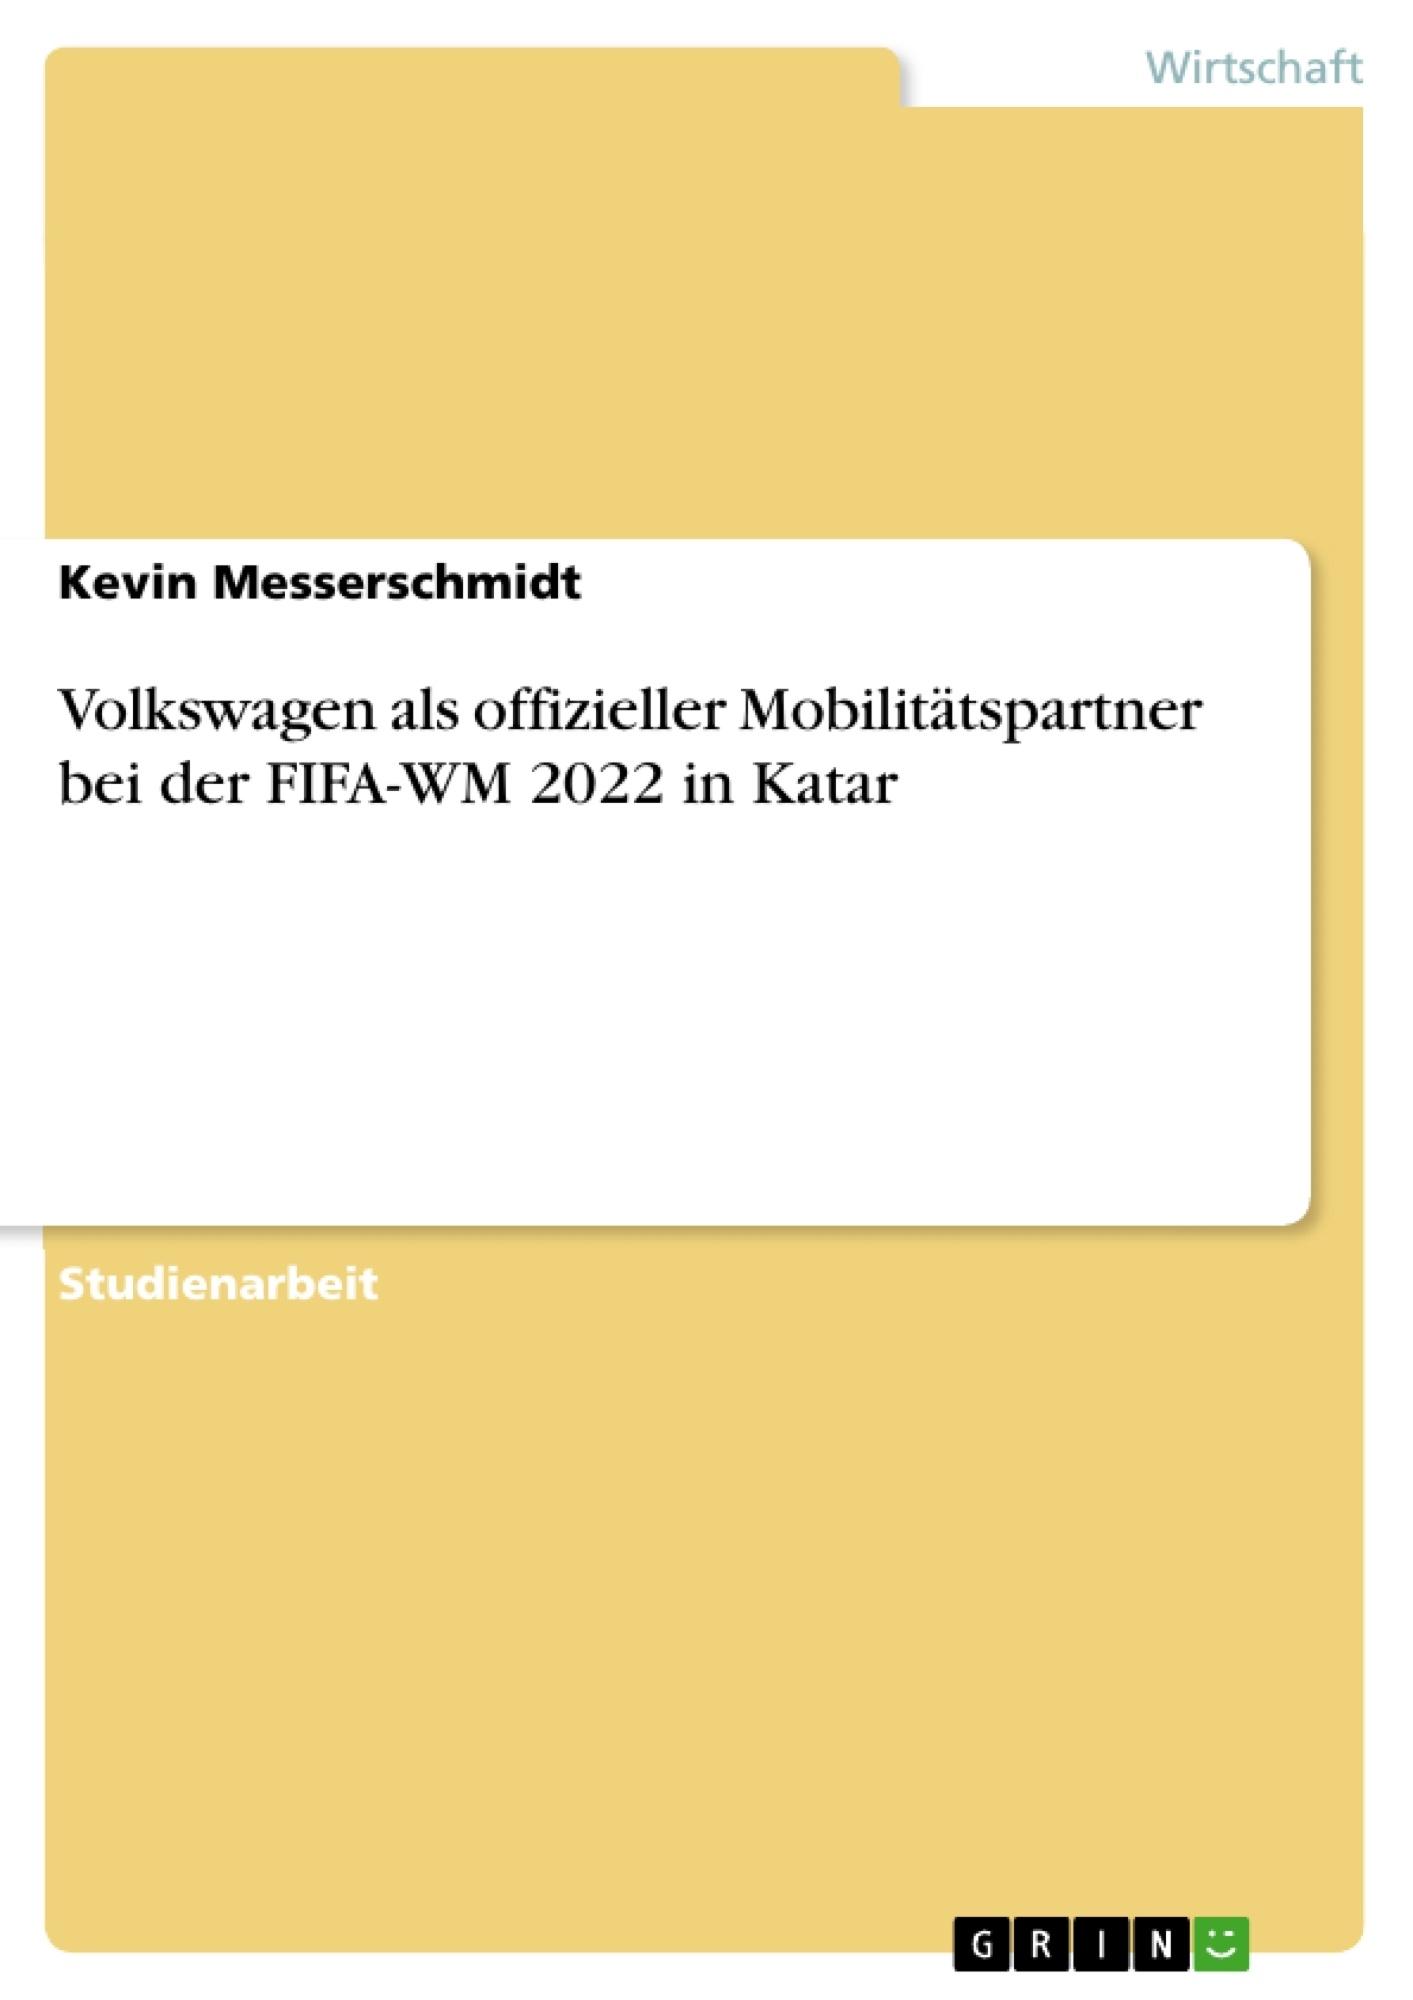 Titel: Volkswagen als offizieller Mobilitätspartner bei der FIFA-WM 2022 in Katar